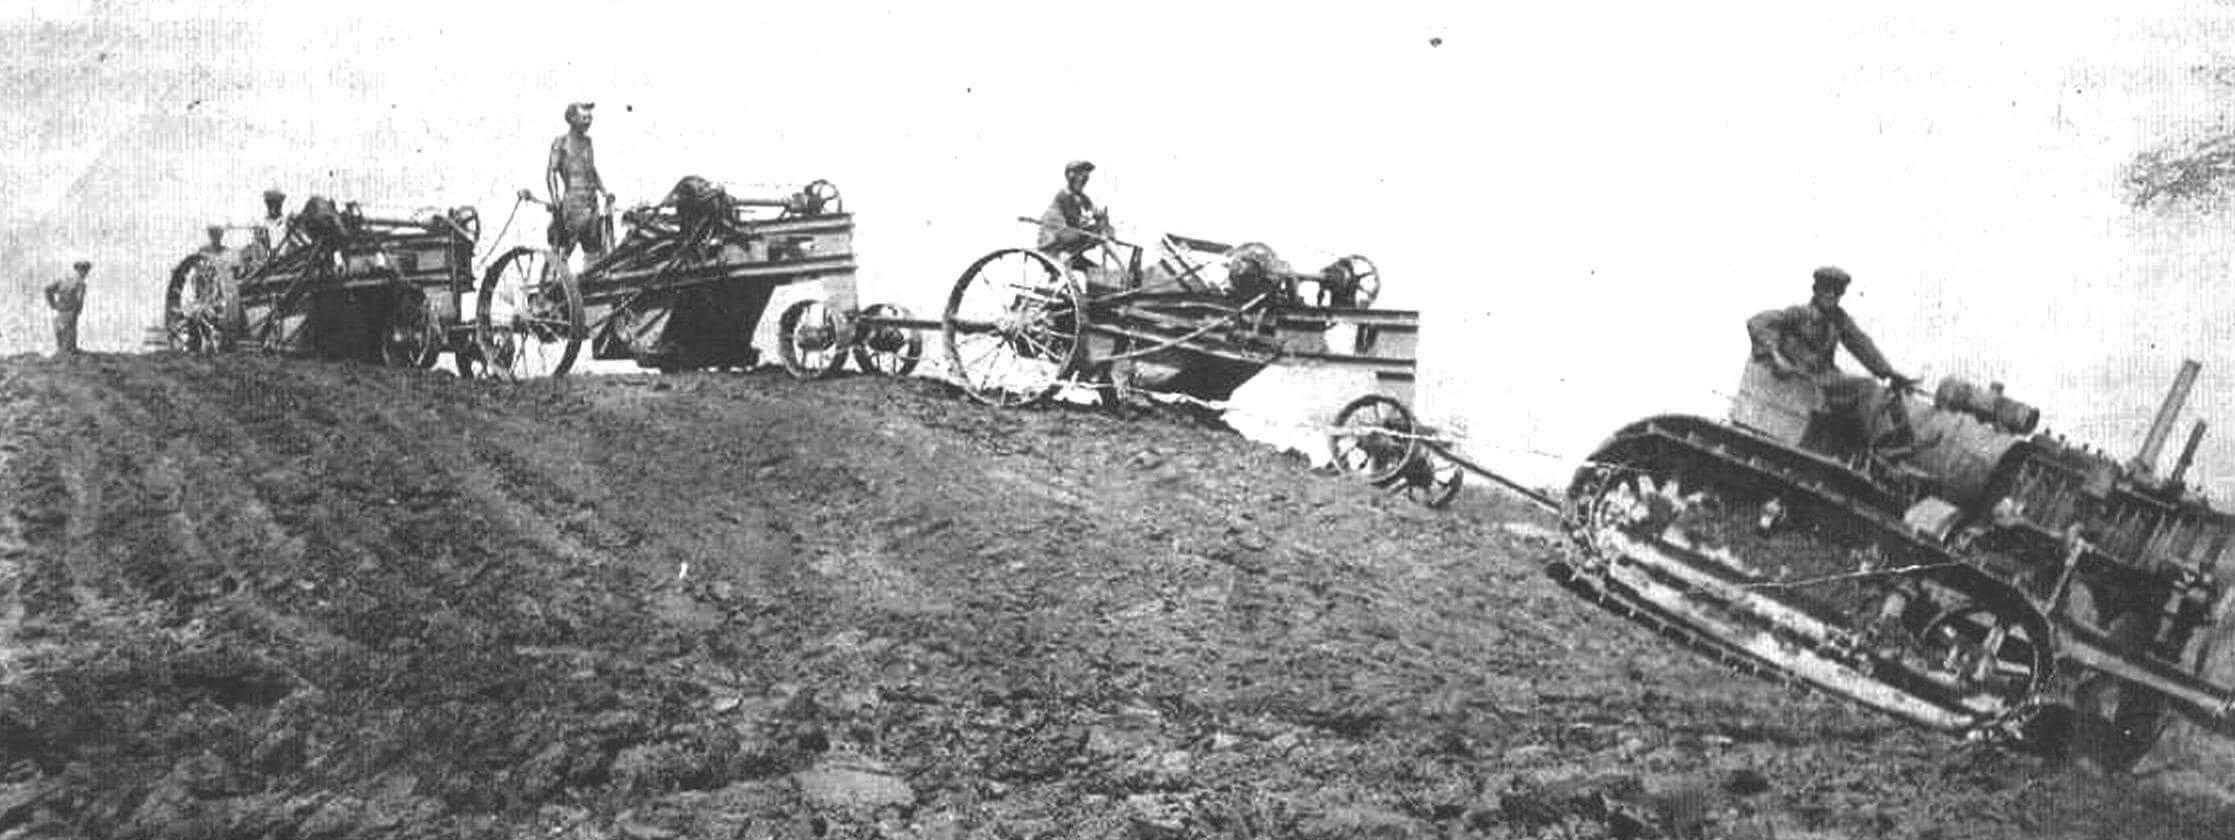 Трактор «Сталинец» С-60 с поездом из автолопат Беккера. Строительство Невинномысского канала